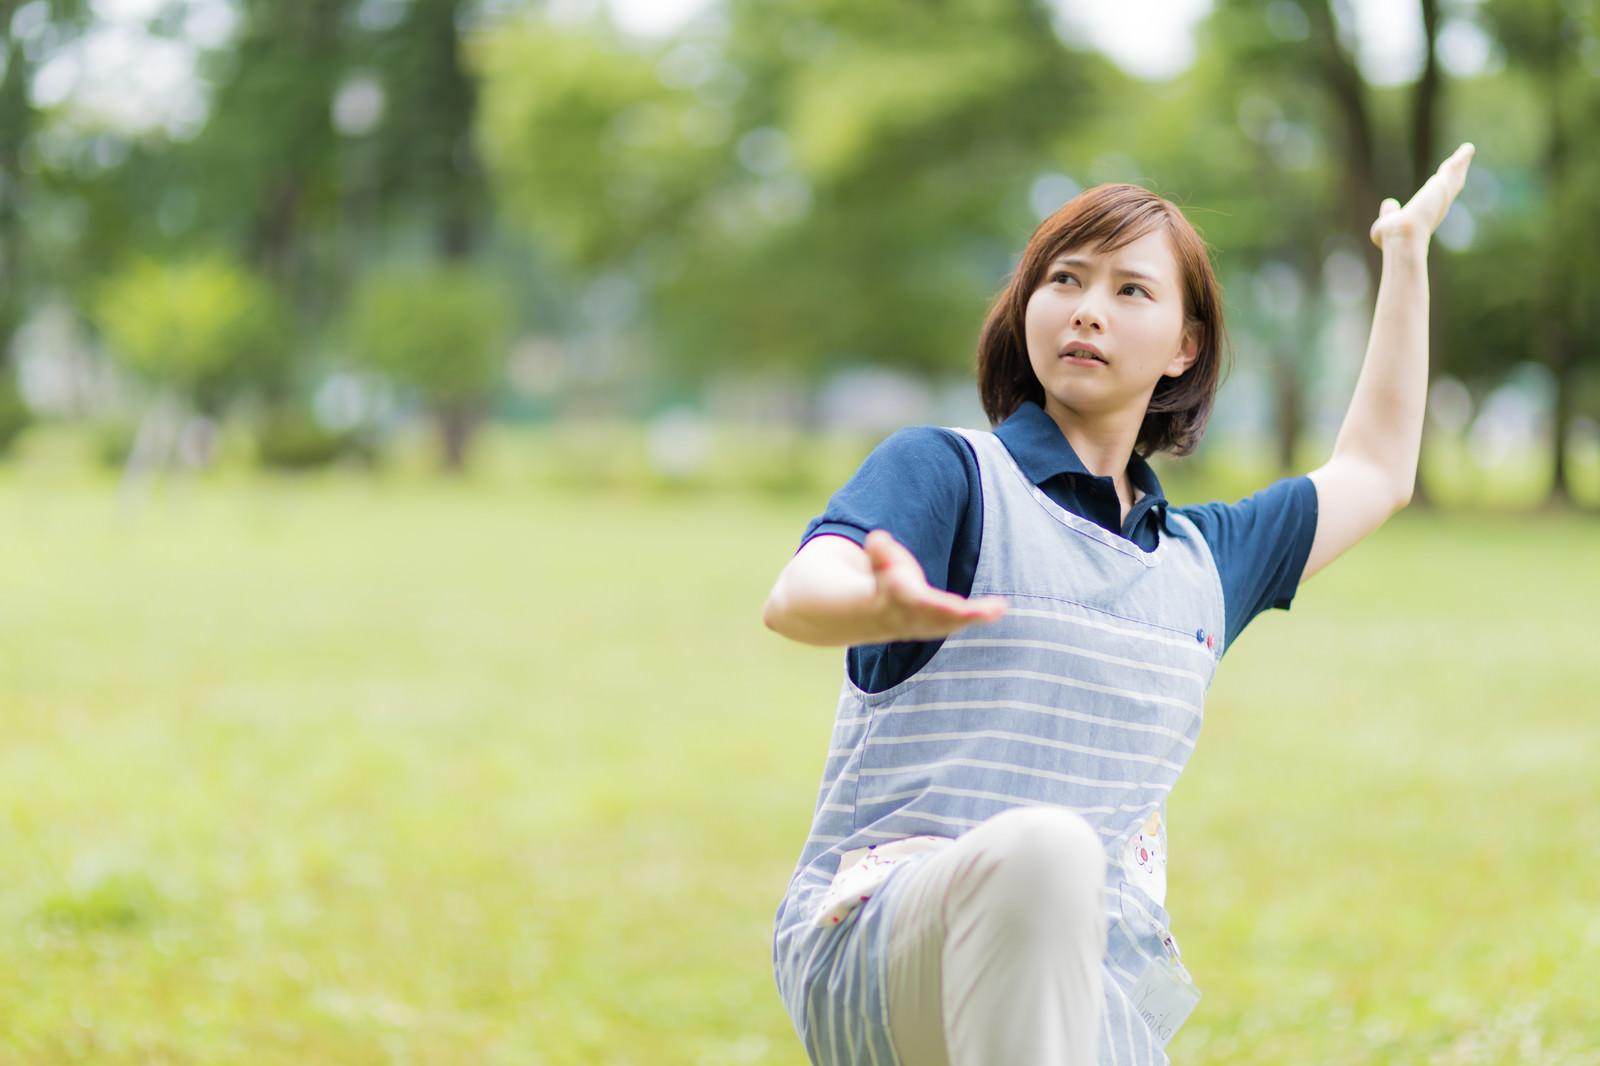 「施設で教えてもらった体術を披露する女性施設で教えてもらった体術を披露する女性」[モデル:yumiko]のフリー写真素材を拡大